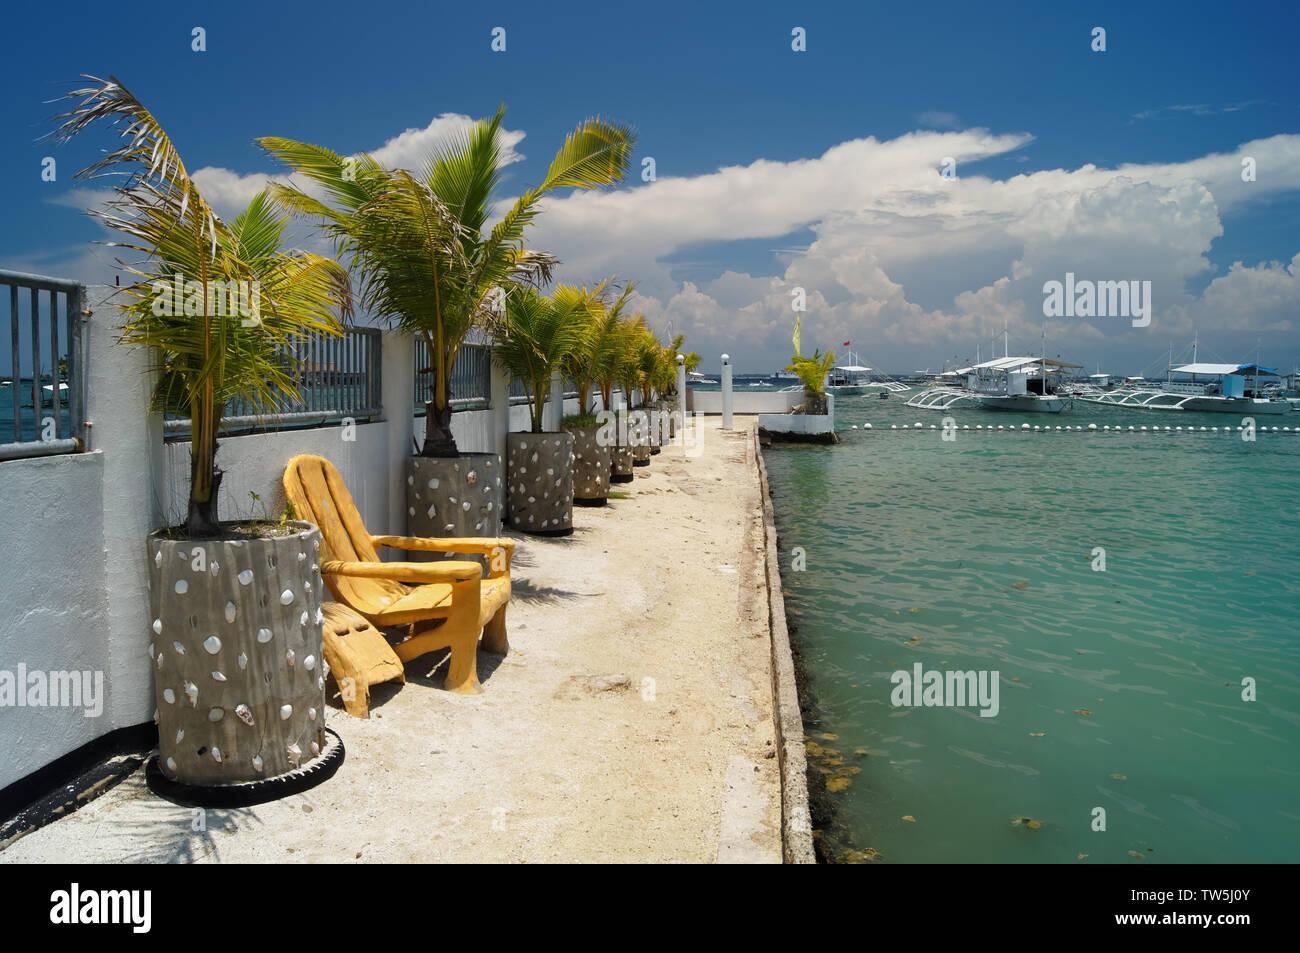 Sudeste de Asia,Filipinas,Metro Cebu,isla Mactan,Maribago,EGI Waterfront Resort de Playa Foto de stock